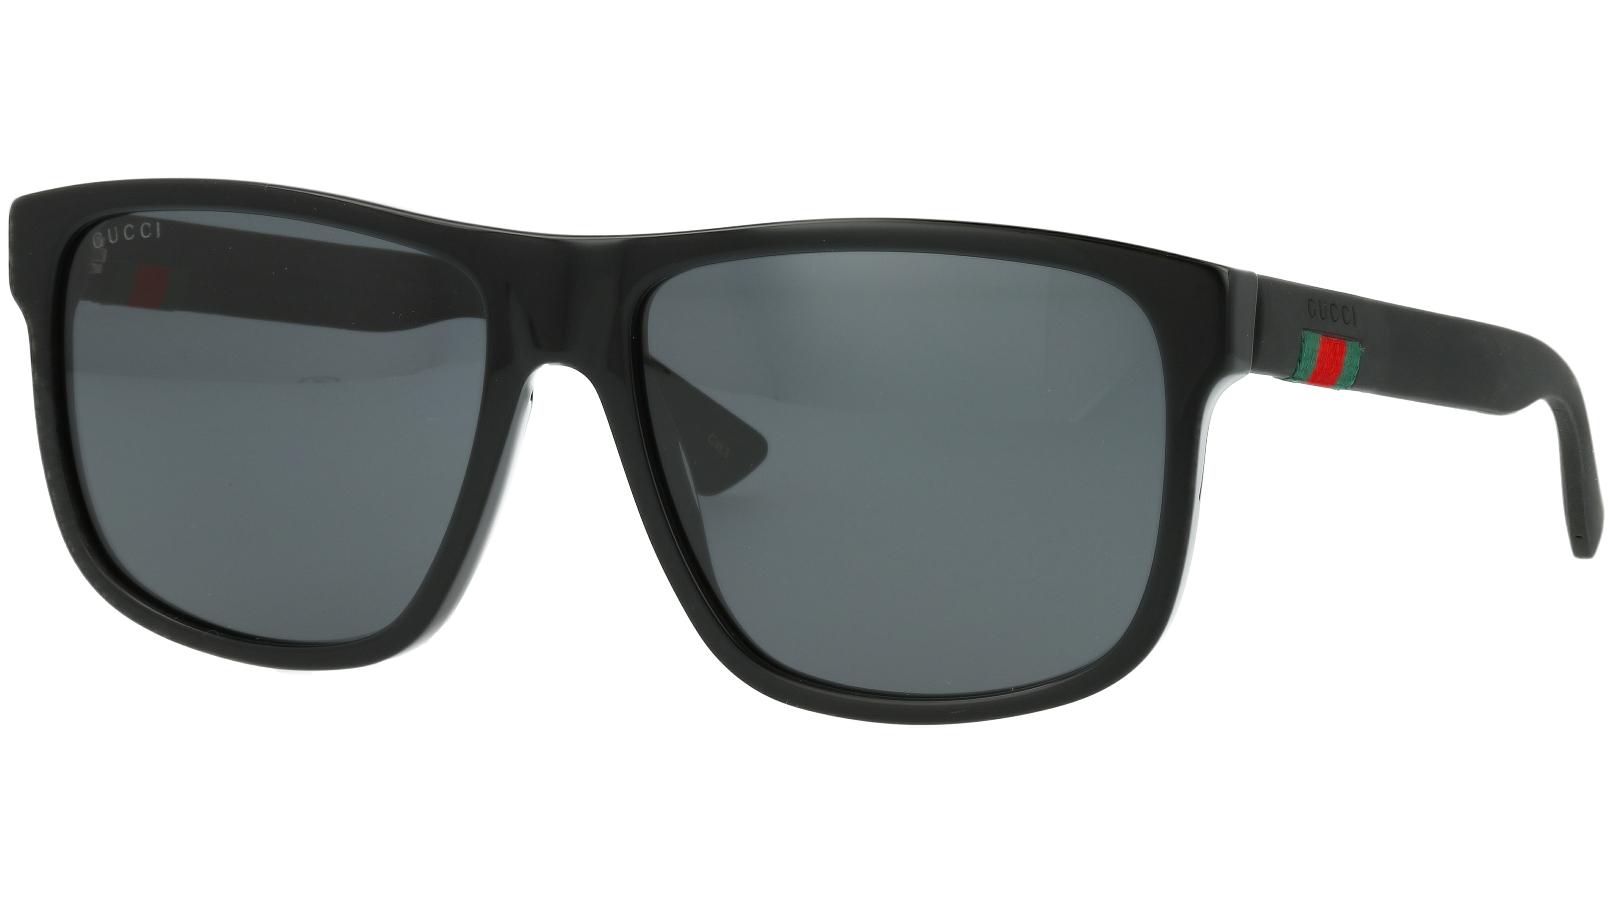 GUCCI GG0010S 001 58 BLACK Sunglasses